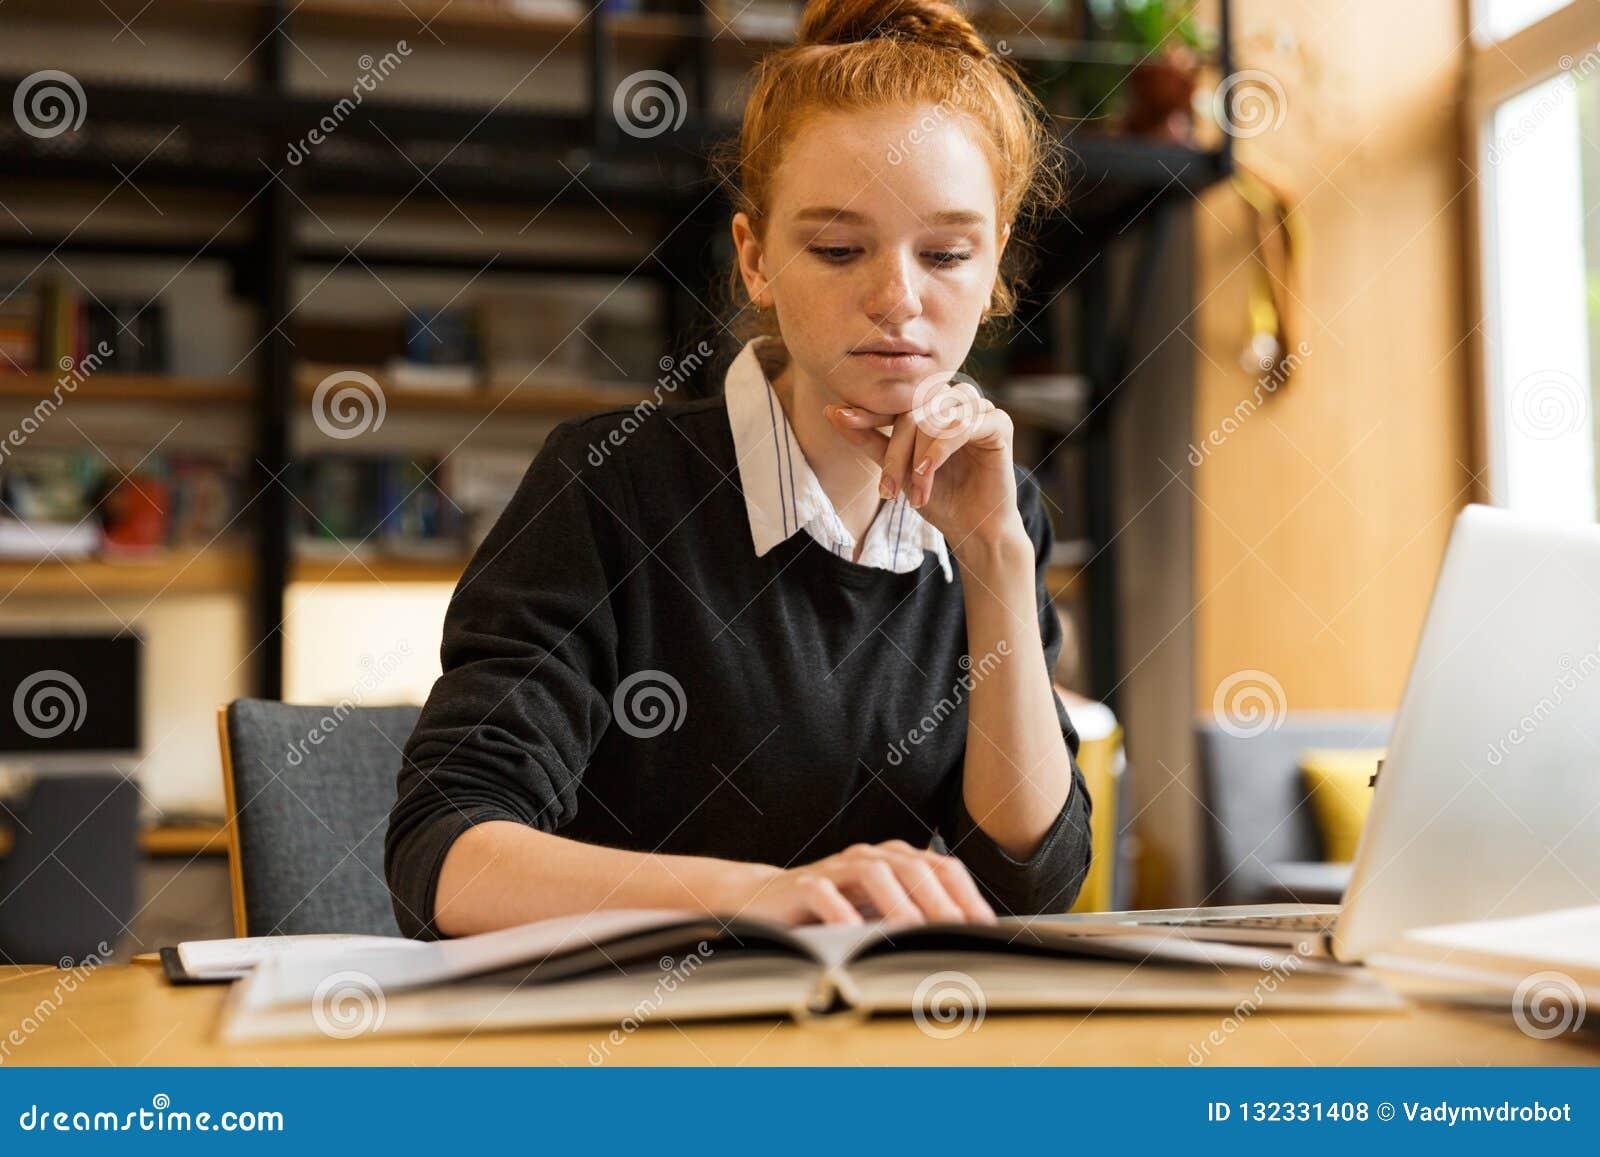 Hübsche rote behaarte Jugendliche, die Laptop-Computer verwendet